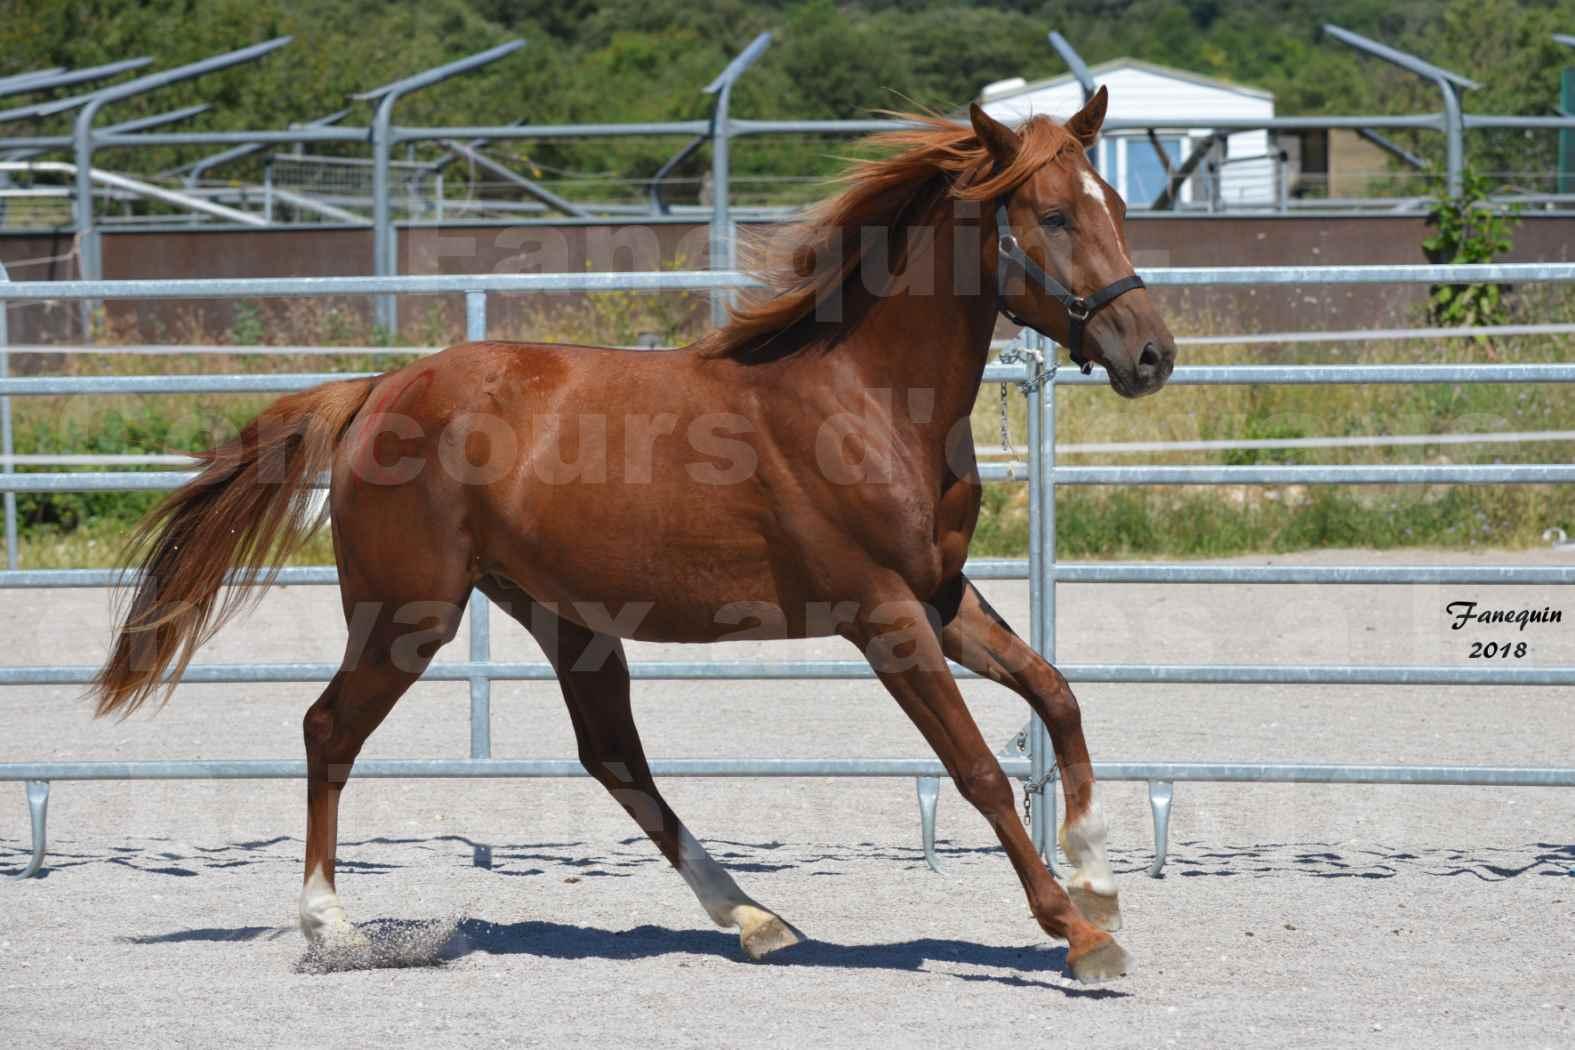 Concours d'Elevage de chevaux Arabes  le 27 juin 2018 à la BOISSIERE - FINLEY DES DOLINES - 06